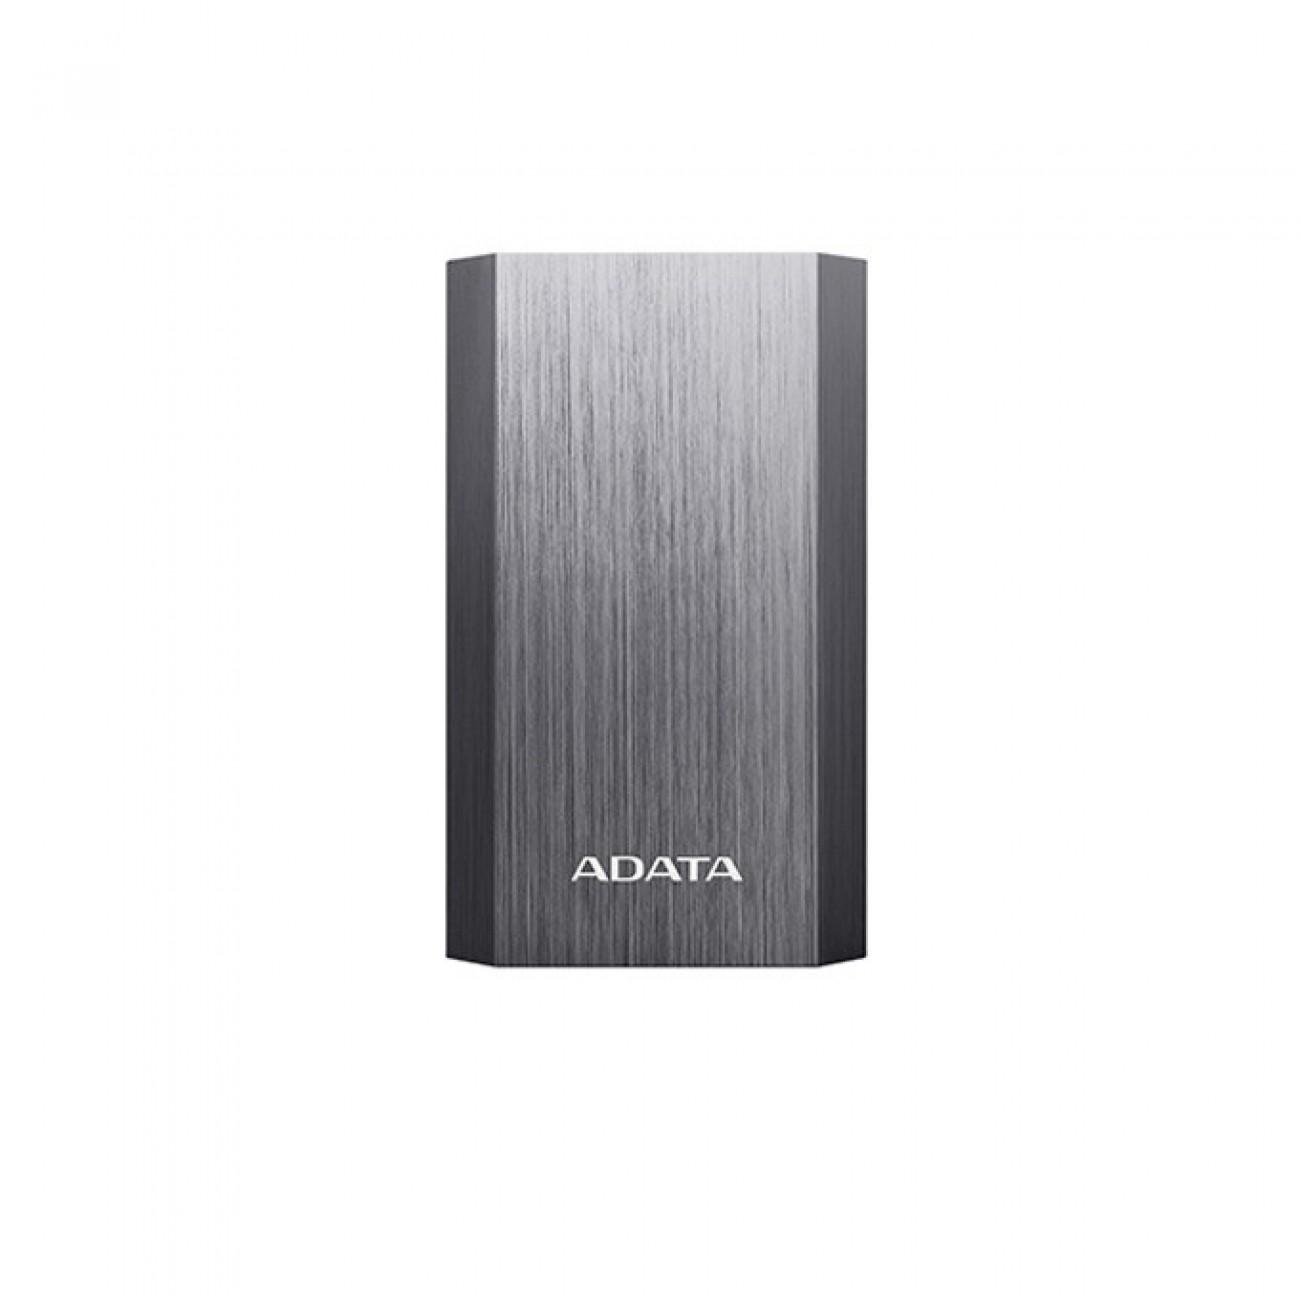 Външна батерия/power bank/ A-Data A10050, 10050mAh, титаниево сиво в Външни батерии - A-Data | Alleop